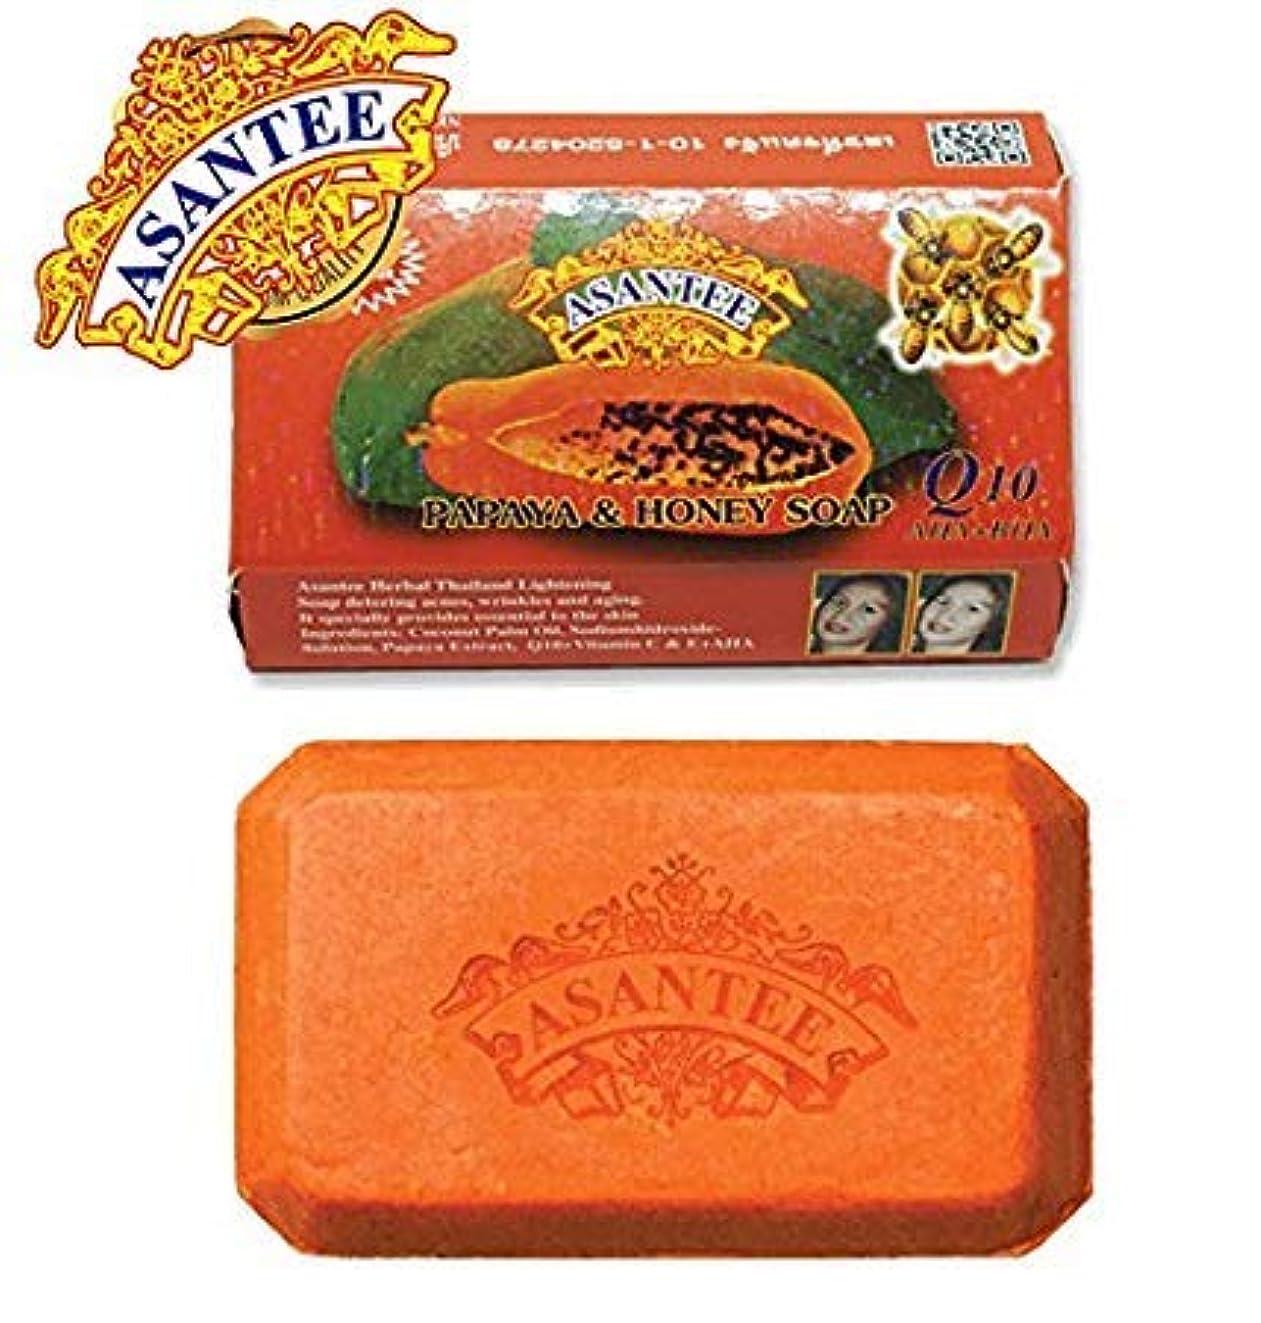 ヘルパー呪われた免除するAsantee Thai Papaya Herbal Skin Whitening Soap 135g (1 pcs)